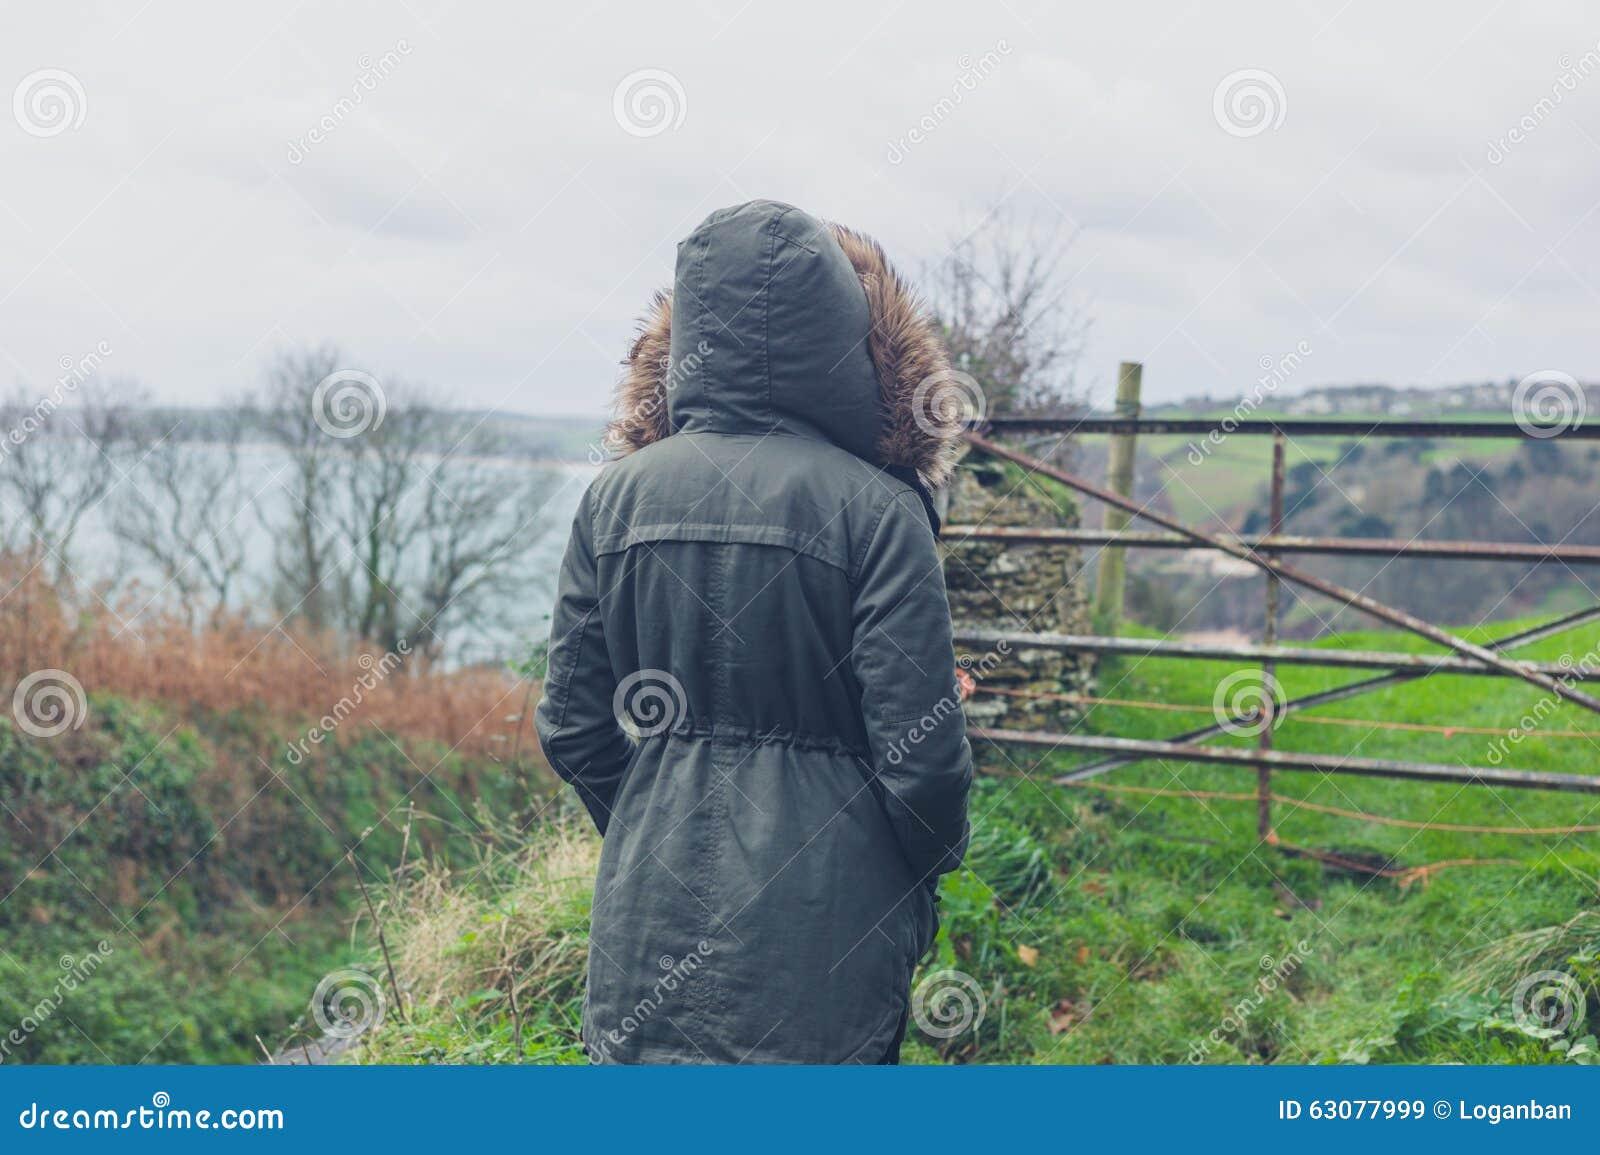 Download Manteau De Port D'hiver De Personne Par La Porte Dans La Campagne Image stock - Image du outdoors, hausse: 63077999